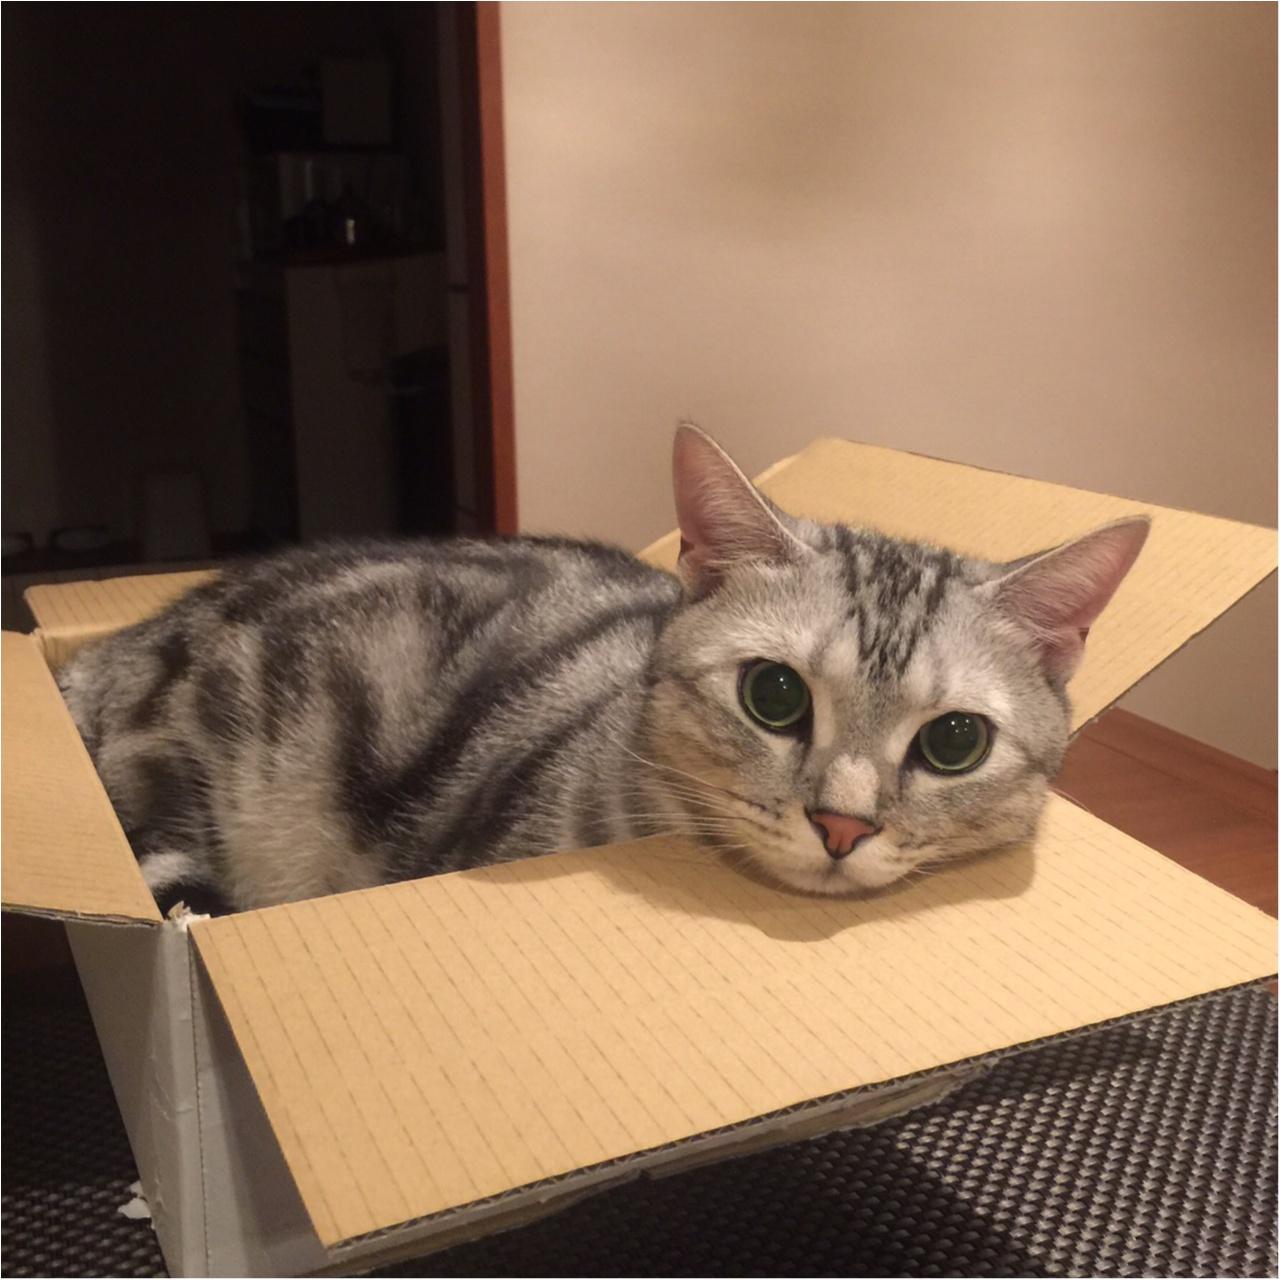 【今日のにゃんこ】ぴったり♡ 箱に入るのが大好きなアランくん_1